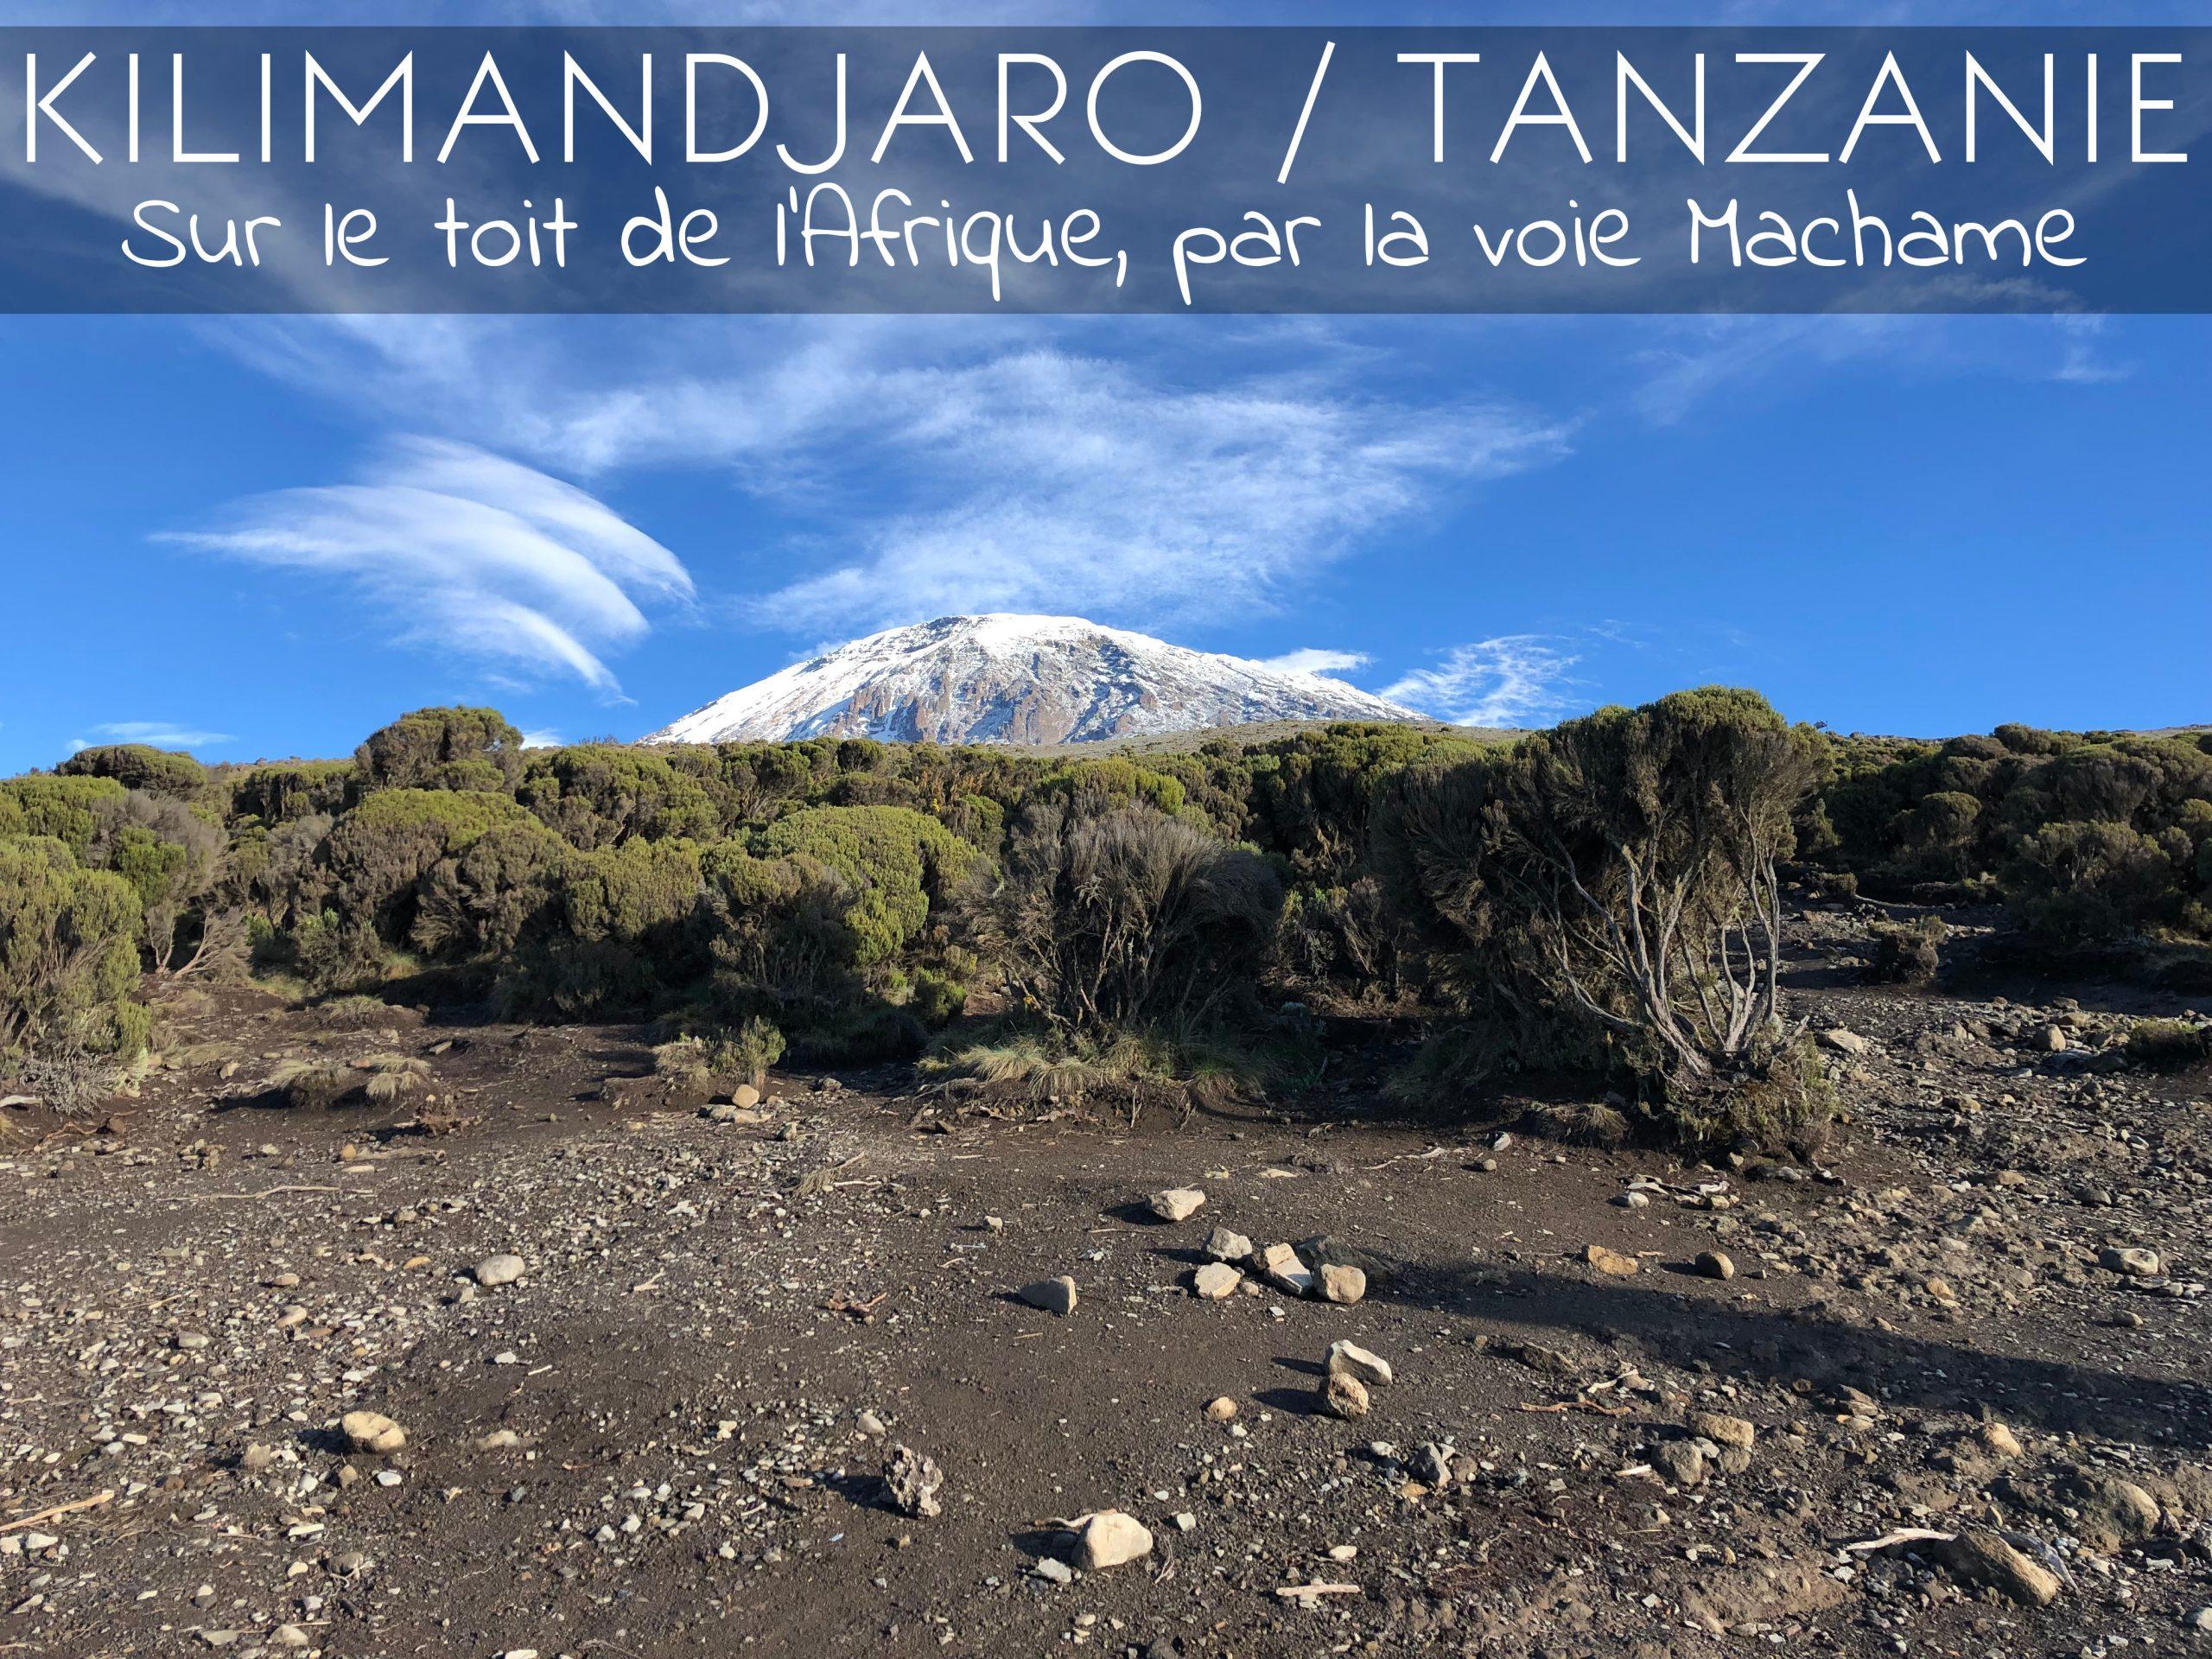 Trek sur le Kilimandjaro par la voie Machame